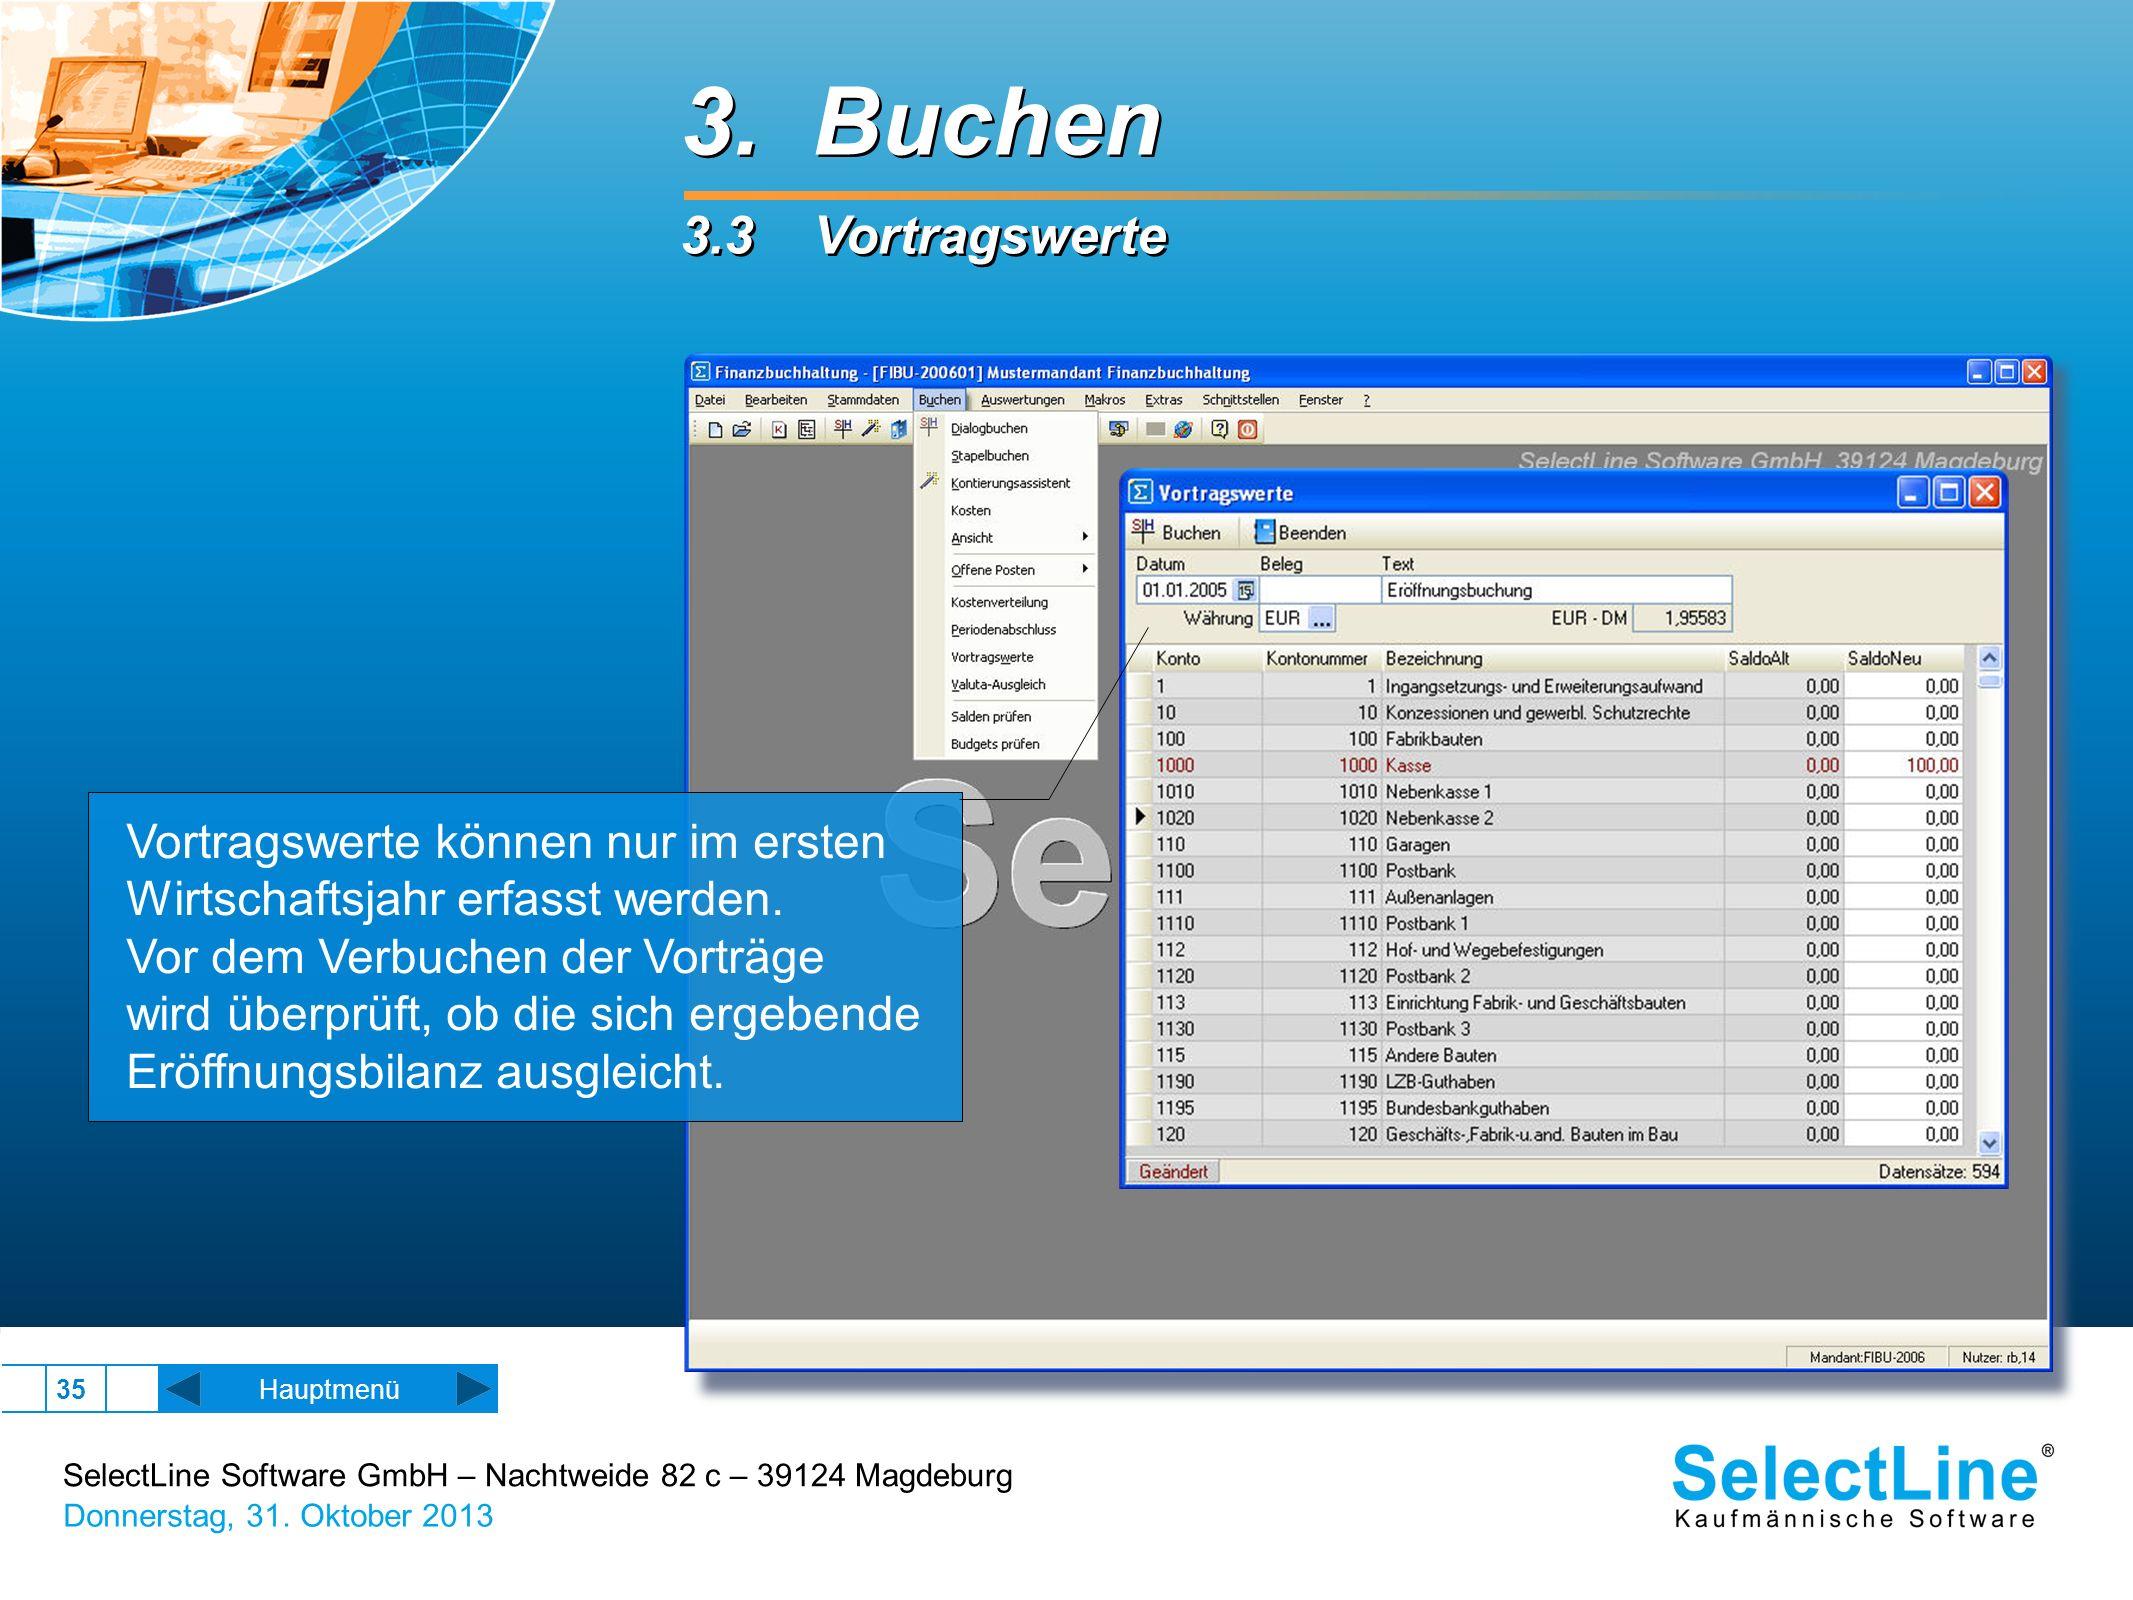 SelectLine Software GmbH – Nachtweide 82 c – 39124 Magdeburg Donnerstag, 31. Oktober 2013 35 Hauptmenü 3. Buchen 3.3 Vortragswerte 3. Buchen 3.3 Vortr